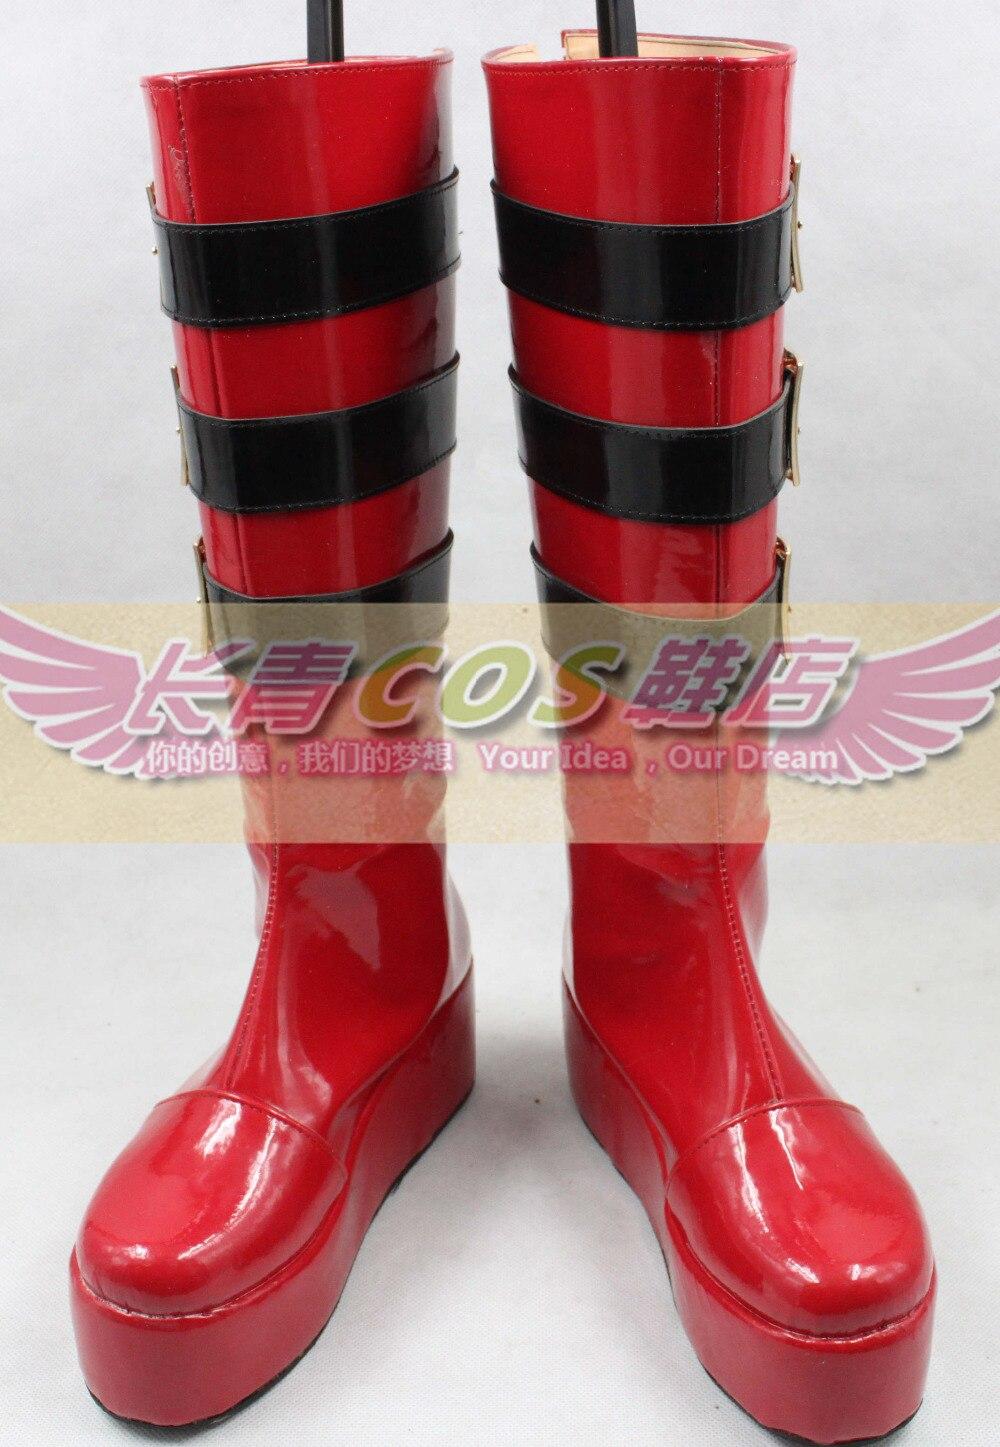 Евангелион Ayanami Rei Ева Хэллоуин длинные Косплэй Обувь Сапоги и ботинки для девочек C006